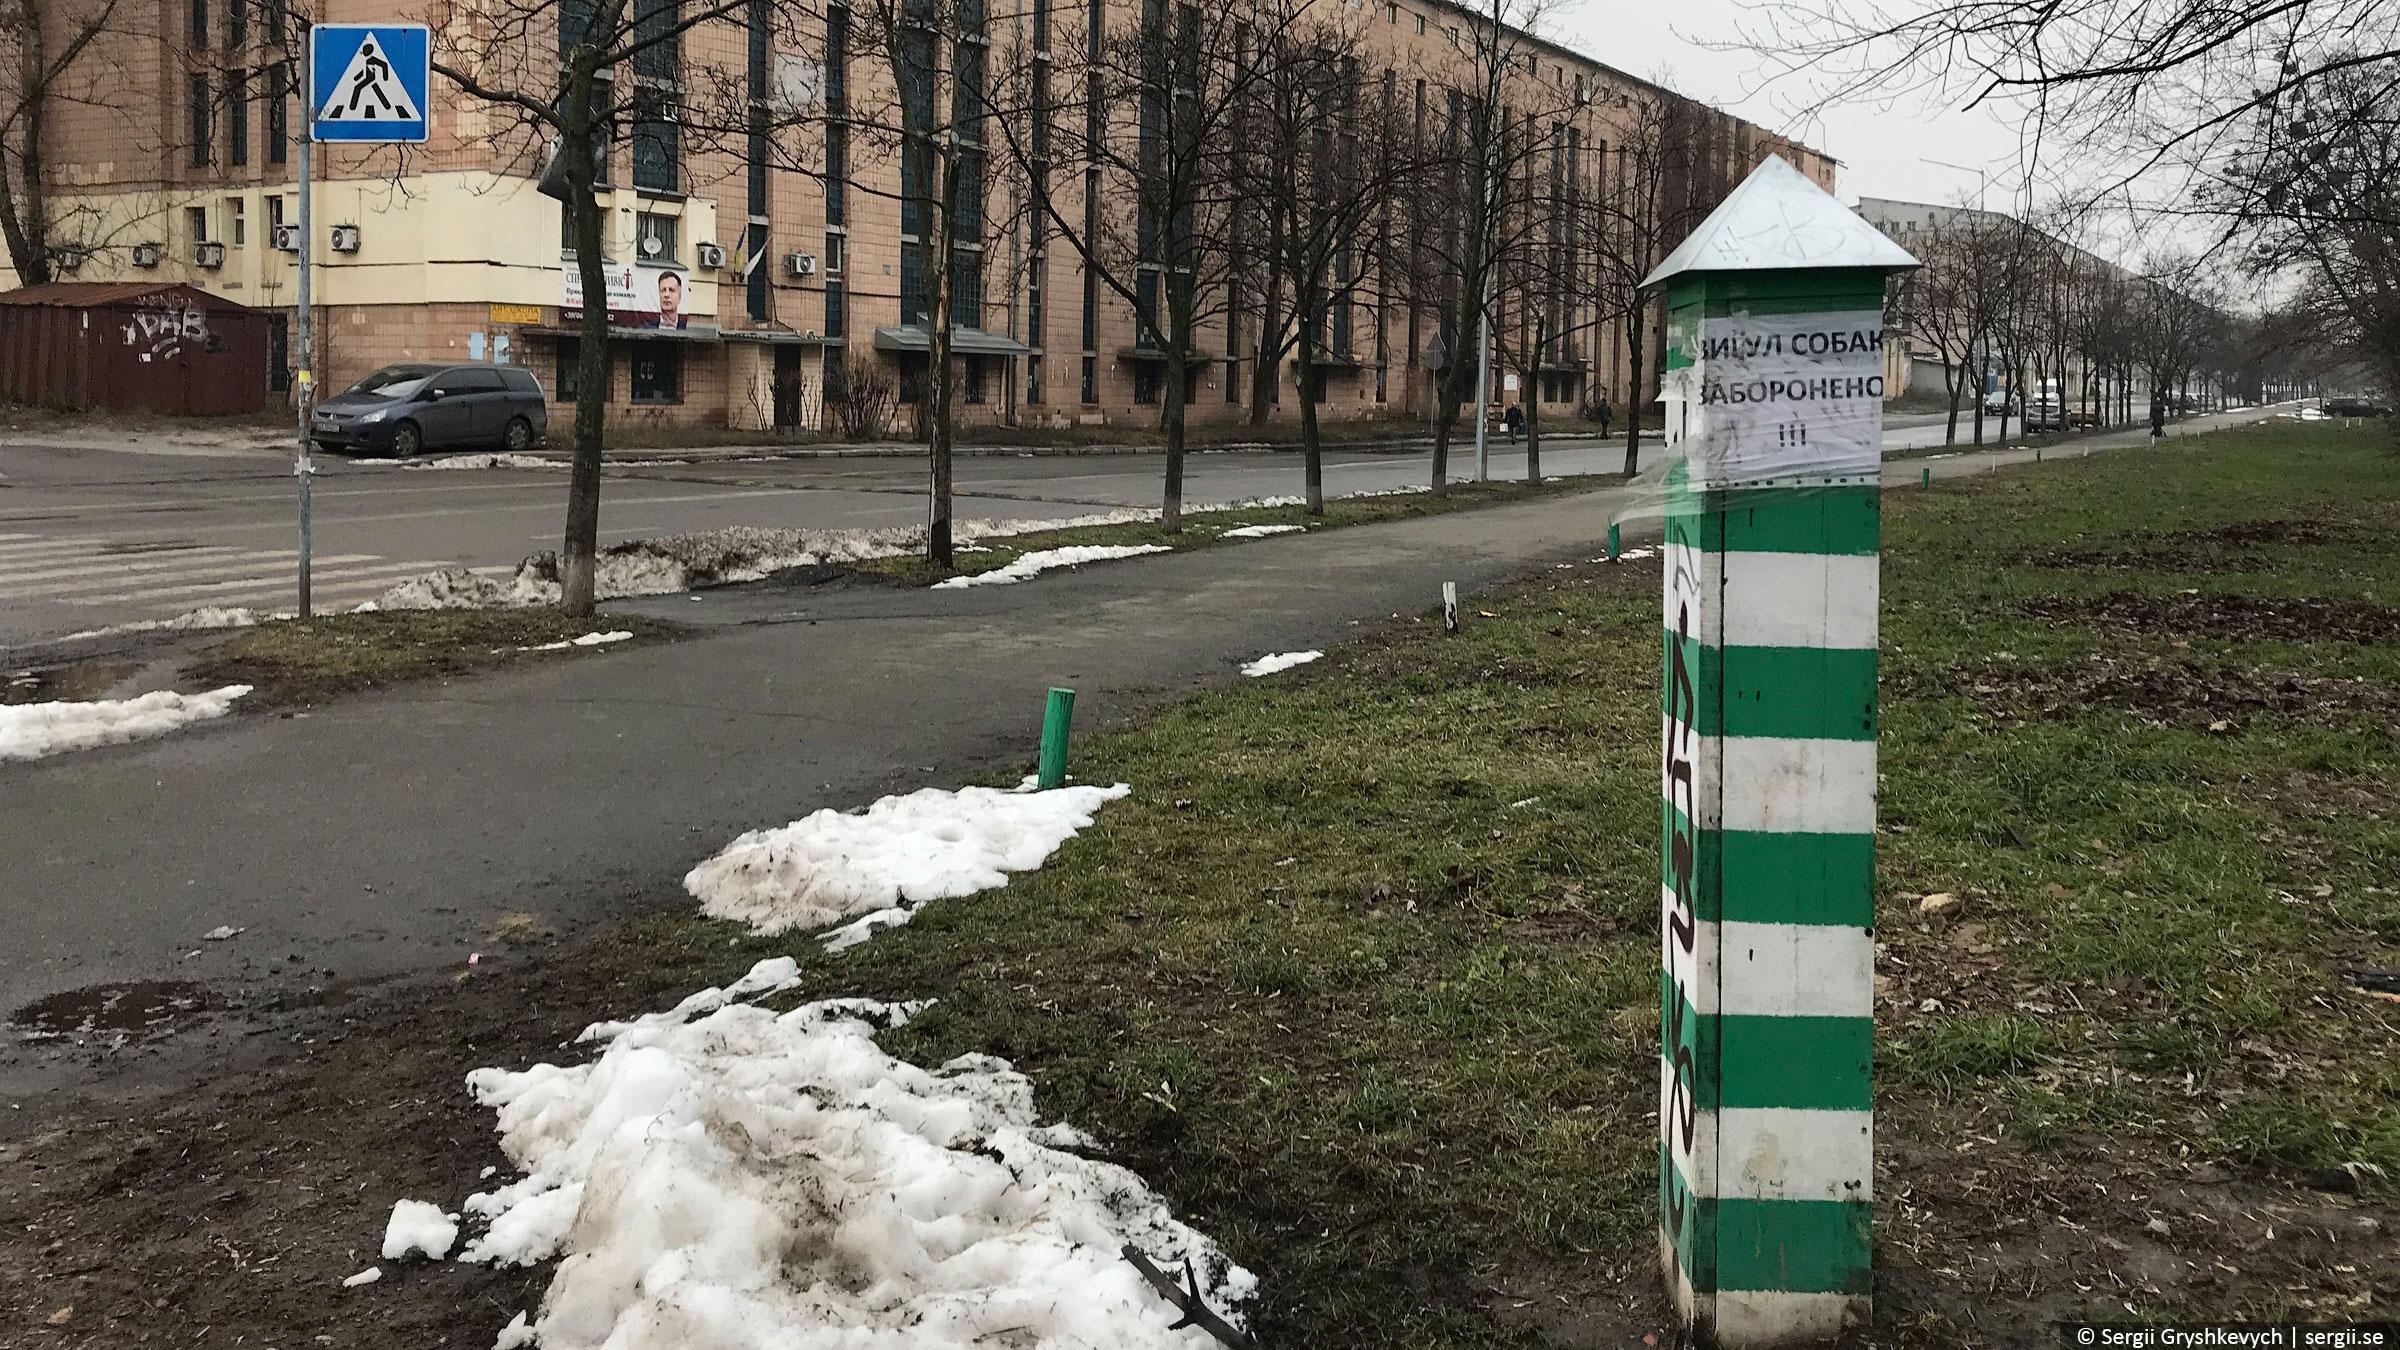 kyiv-darnytsia-livoberezhna-50